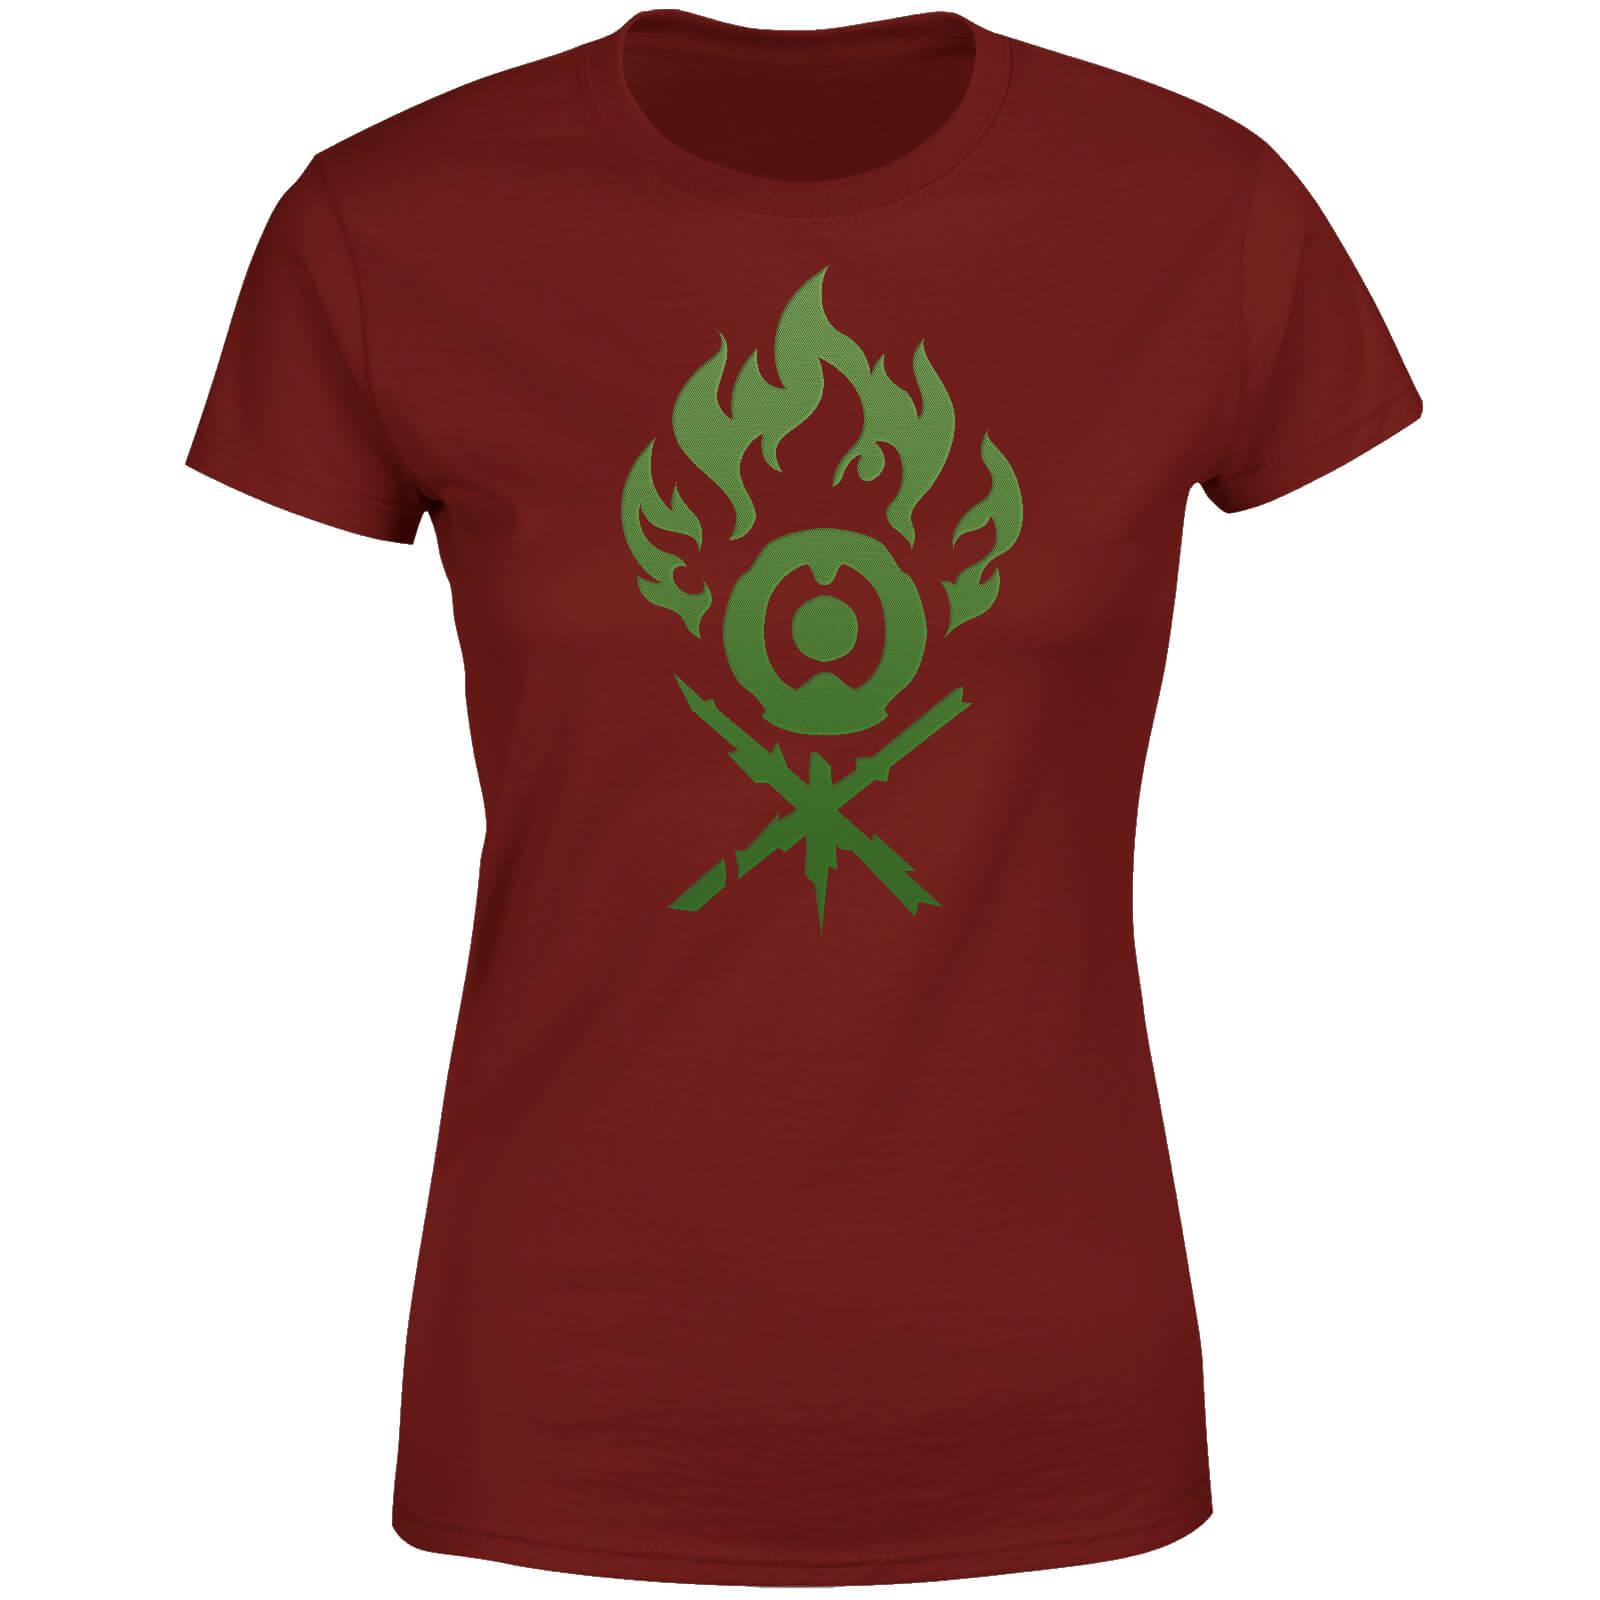 Gathering The Granate Camiseta Mujer Magic Gruul qMpGSUVz